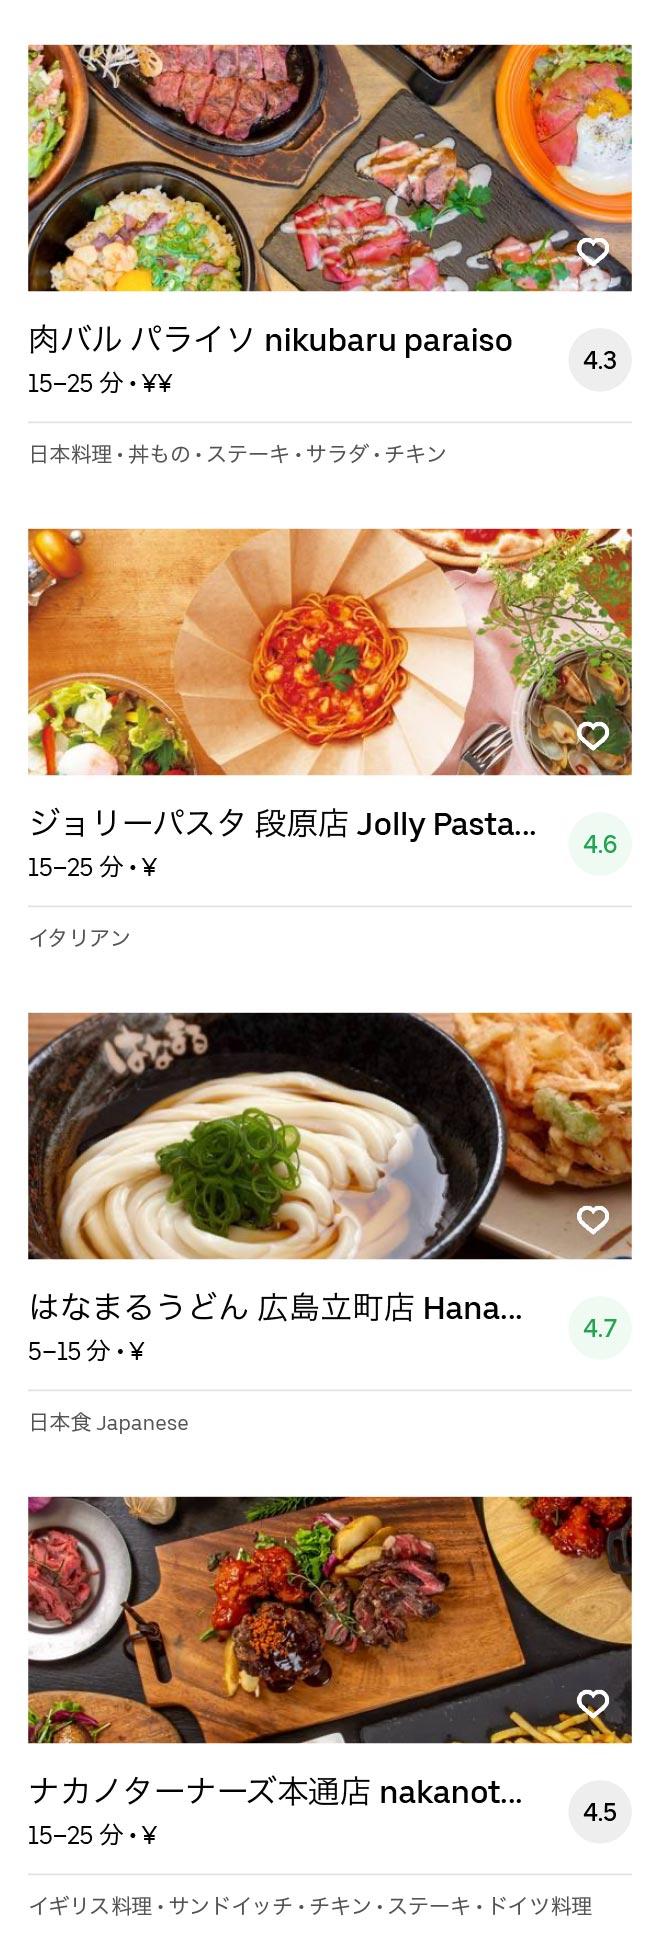 Hiroshima menu 2005 09